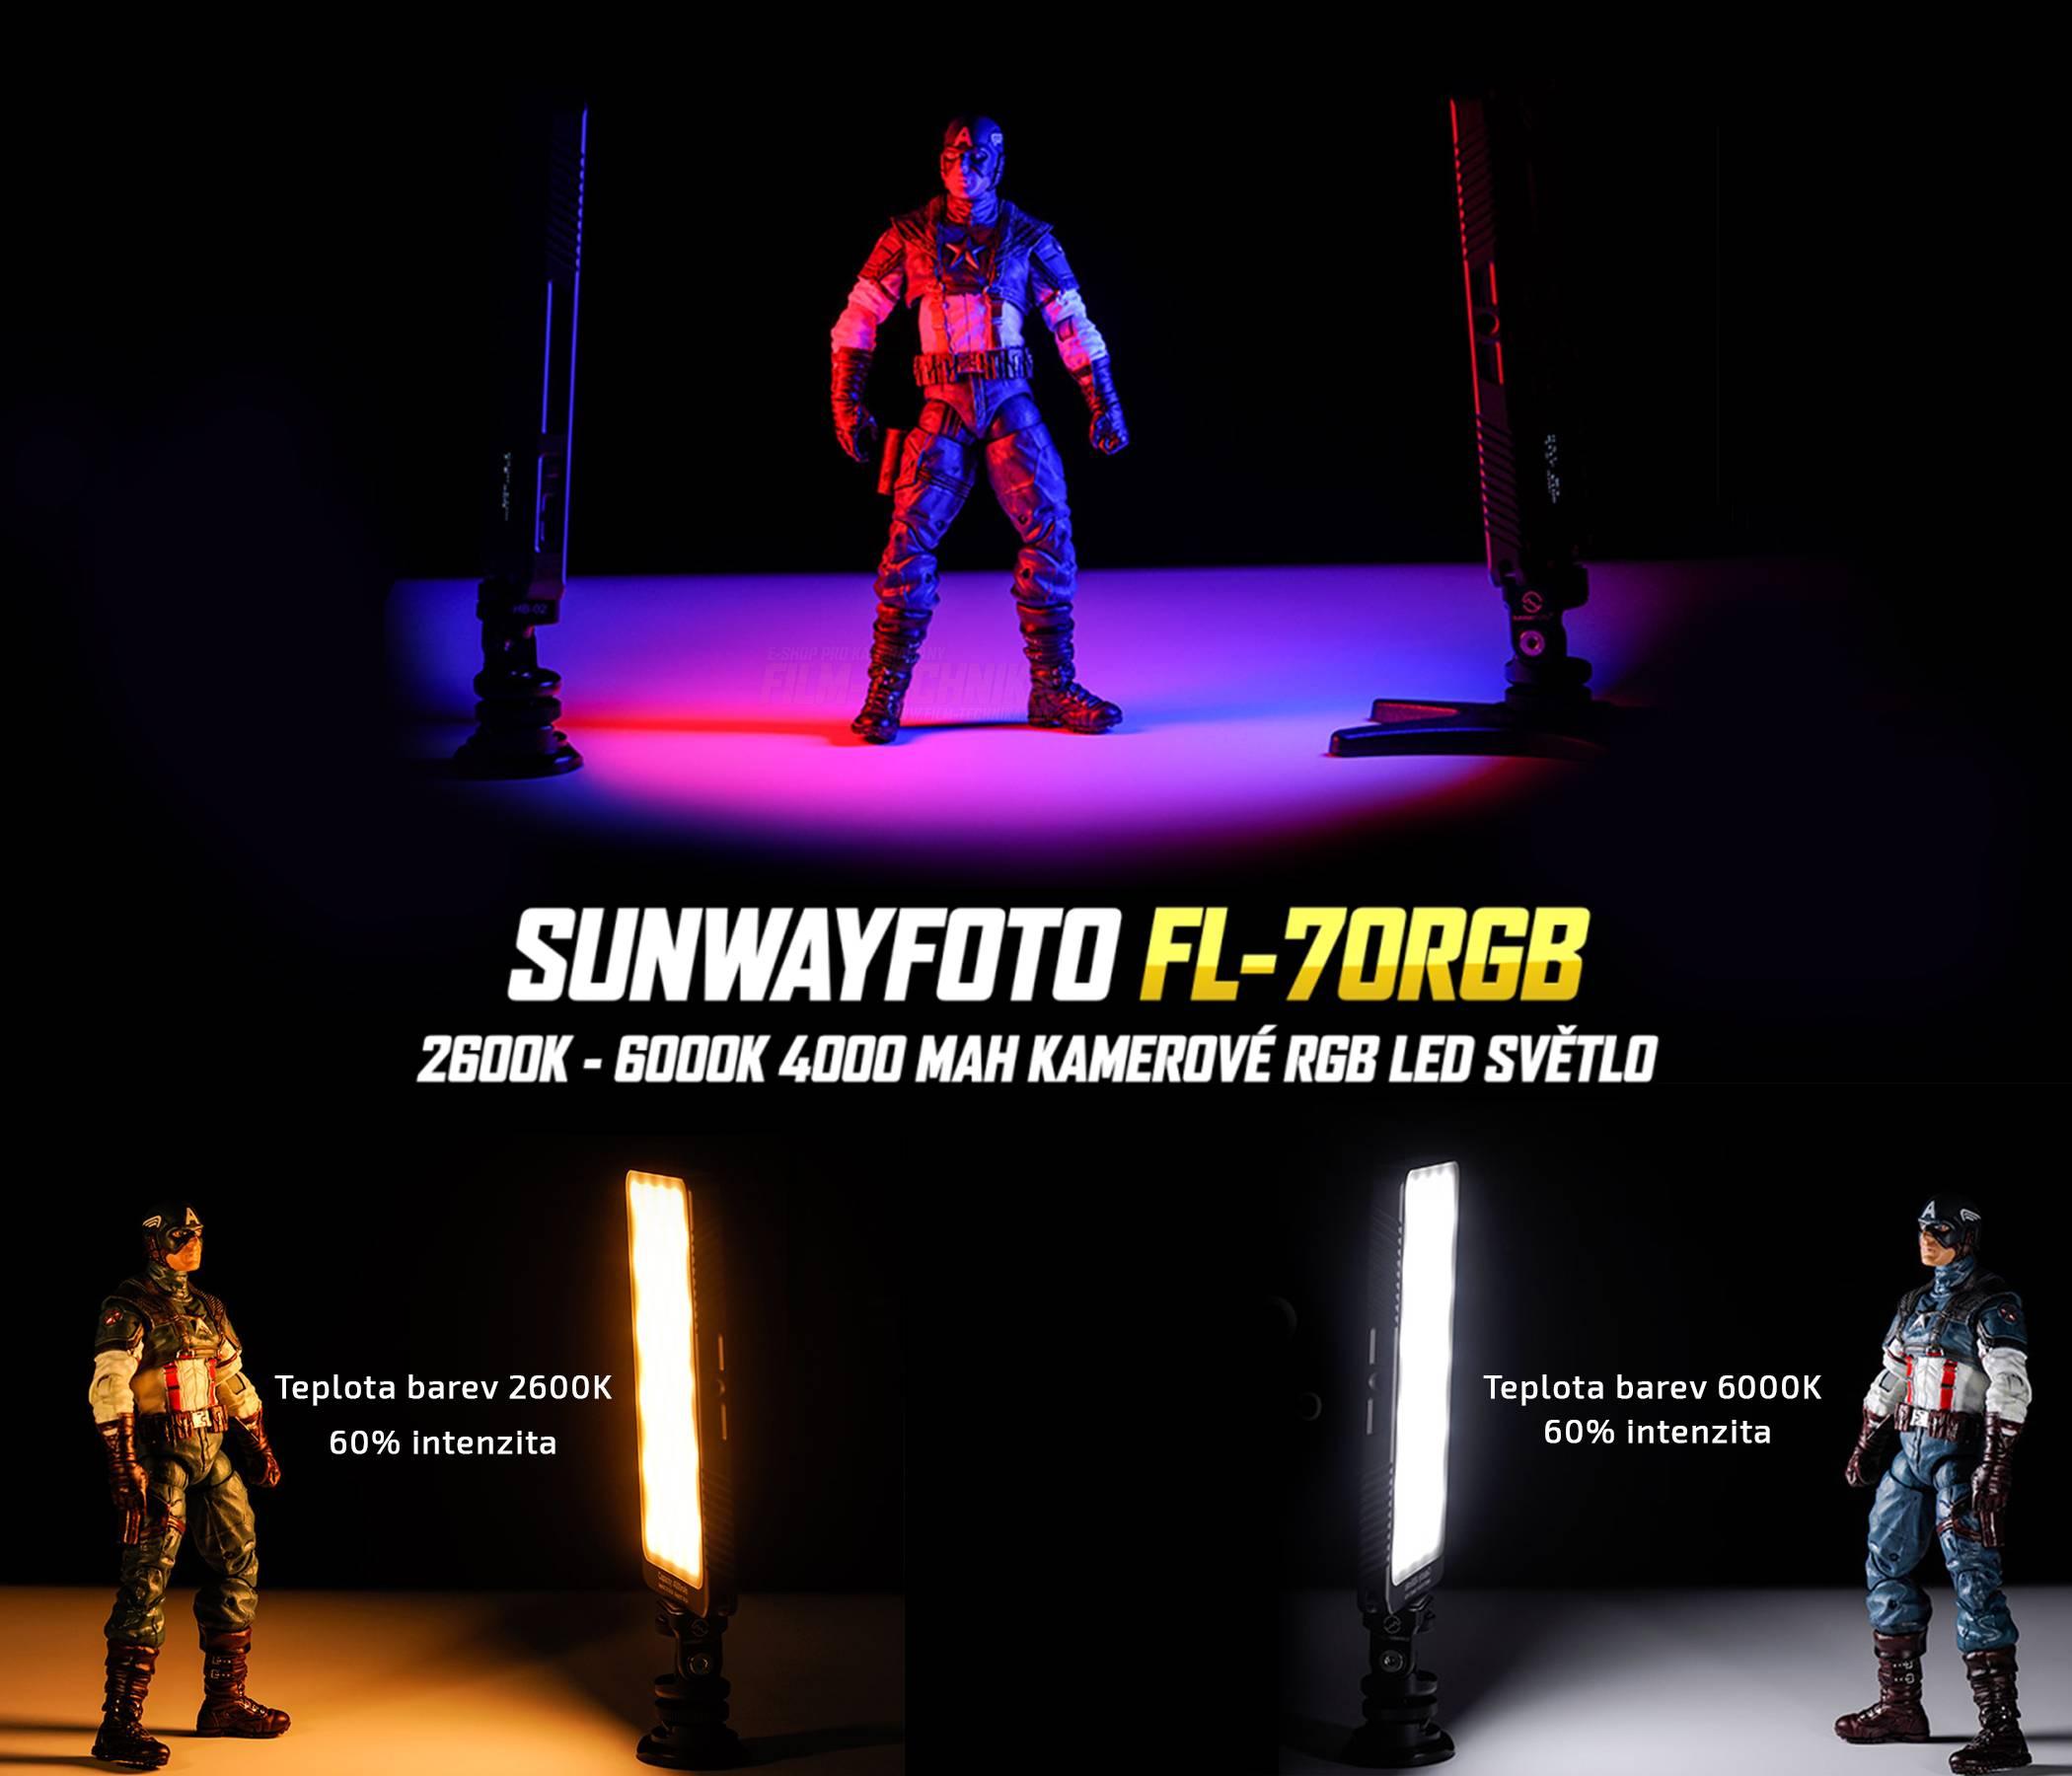 film-technika-sunwayfoto-fl-70rgb-5